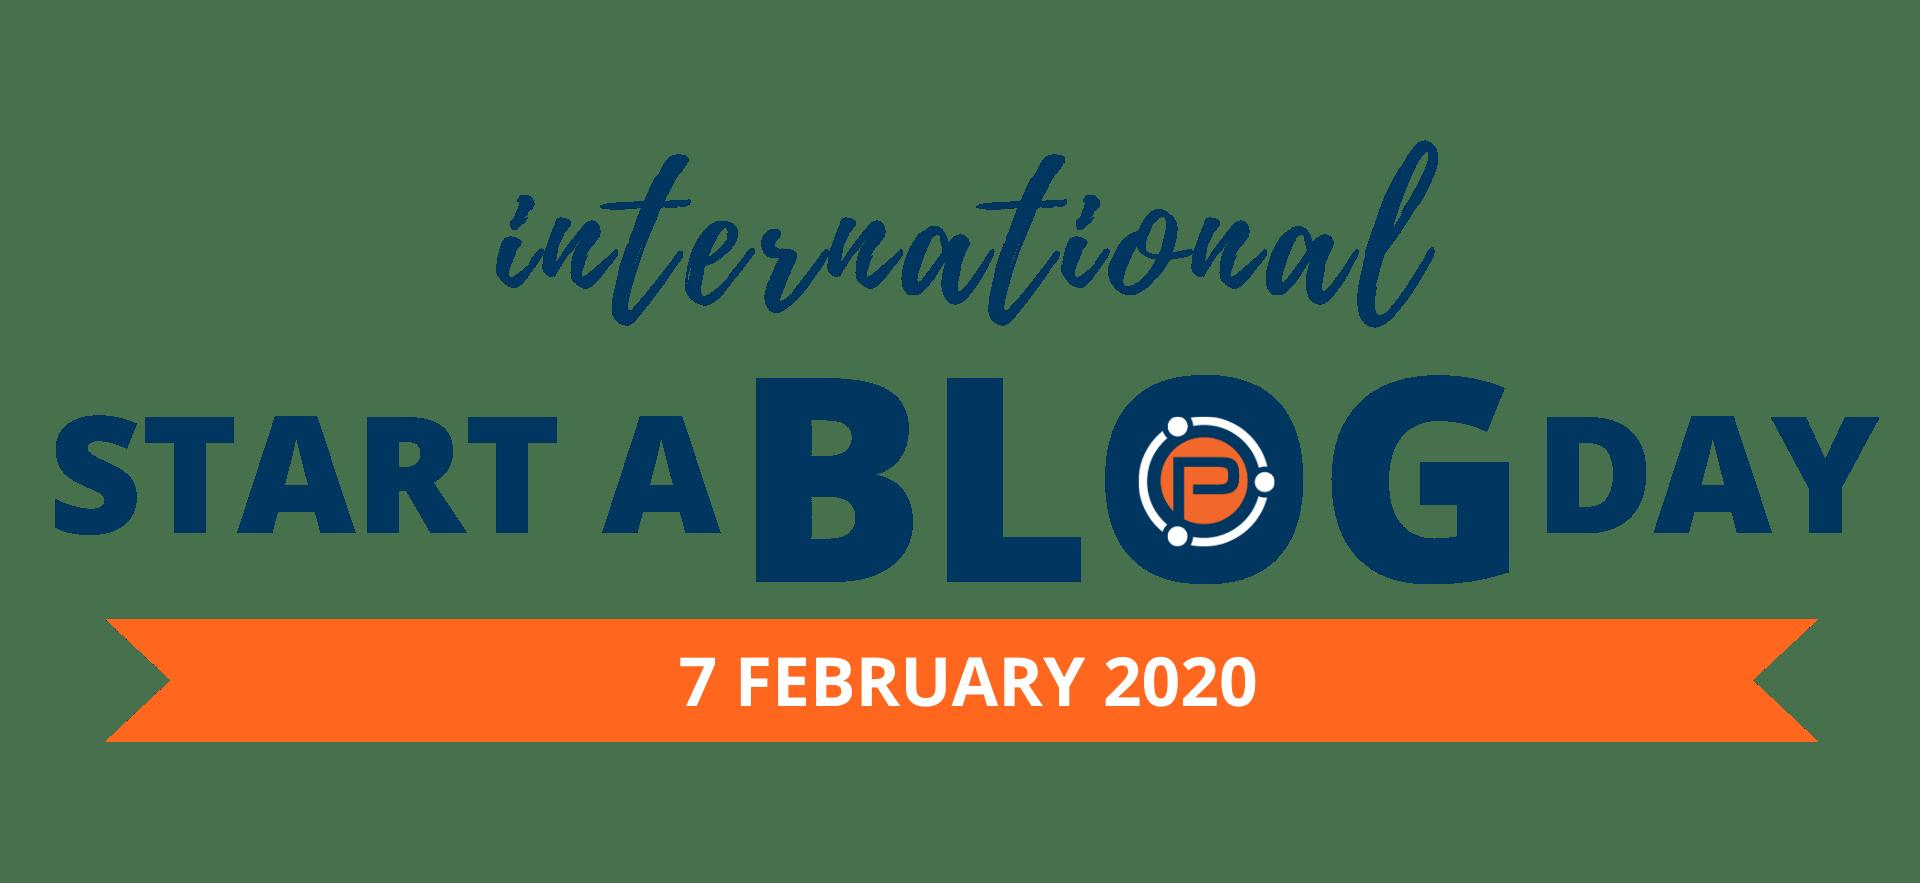 International Start a Blog Day Classe de 2020